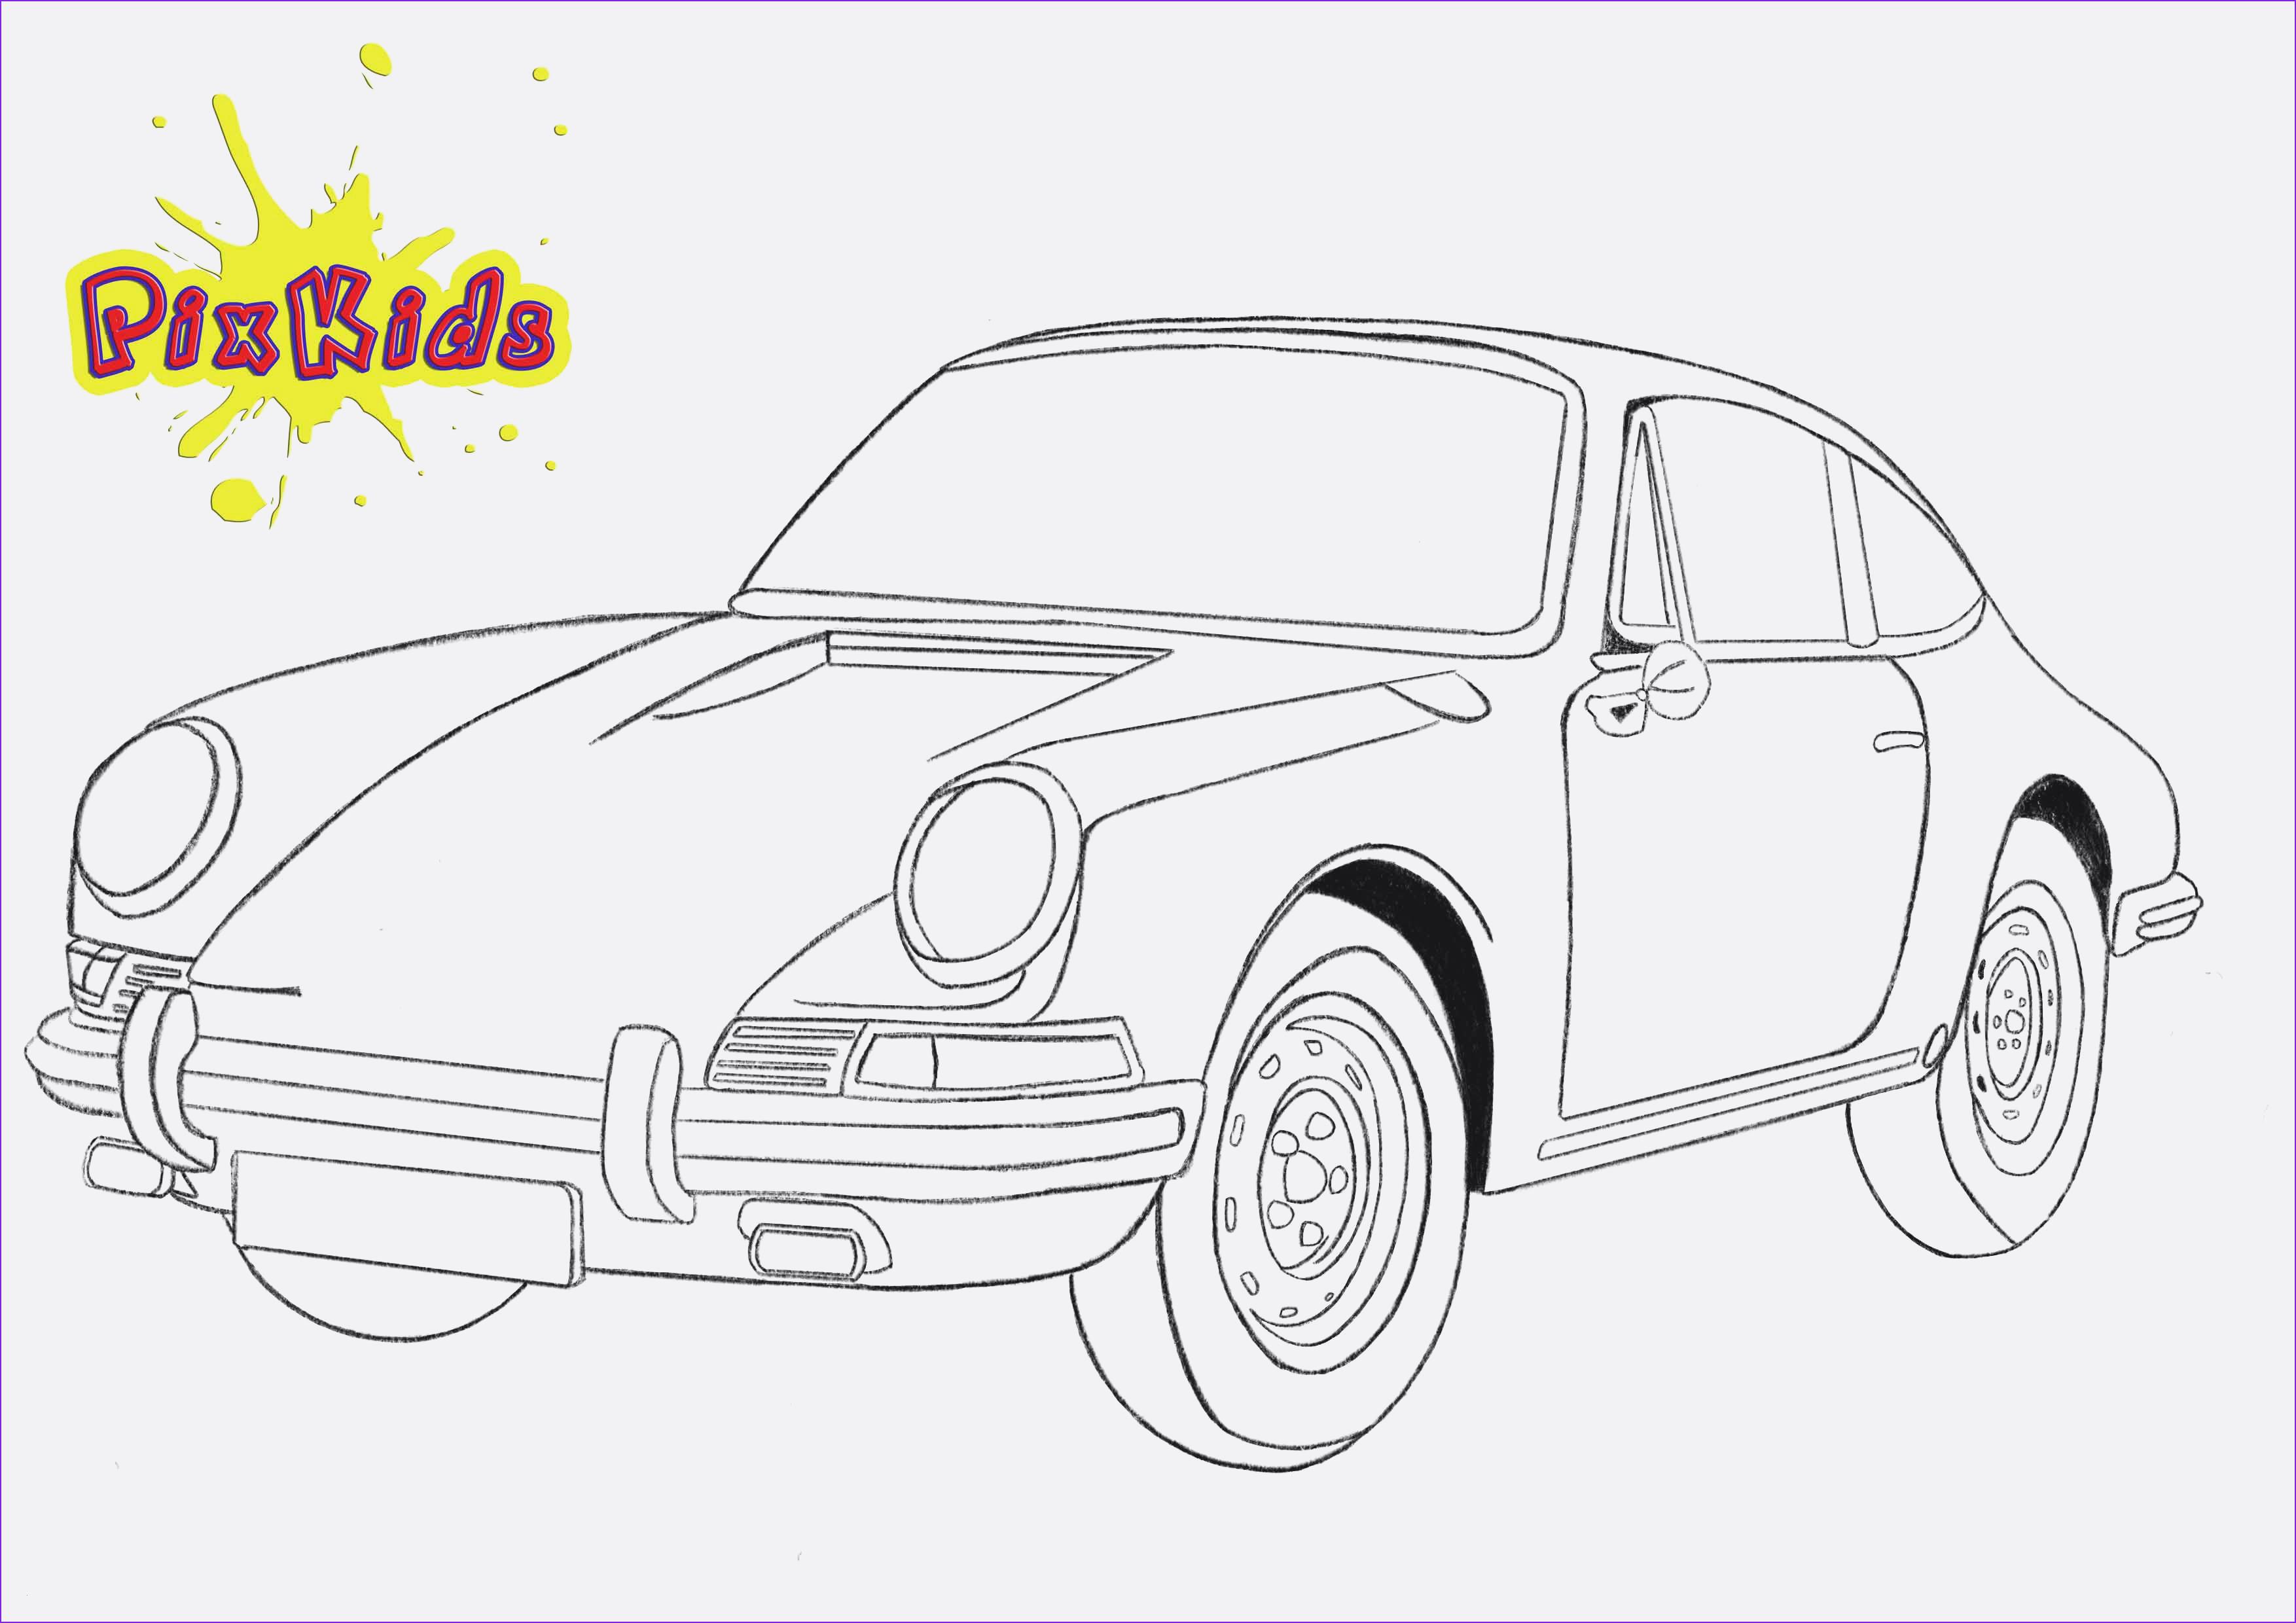 Ausmalbilder Autos Porsche Inspirierend Autos Ausmalbilder Uploadertalk Luxus Malvorlagen Porsche Das Bild